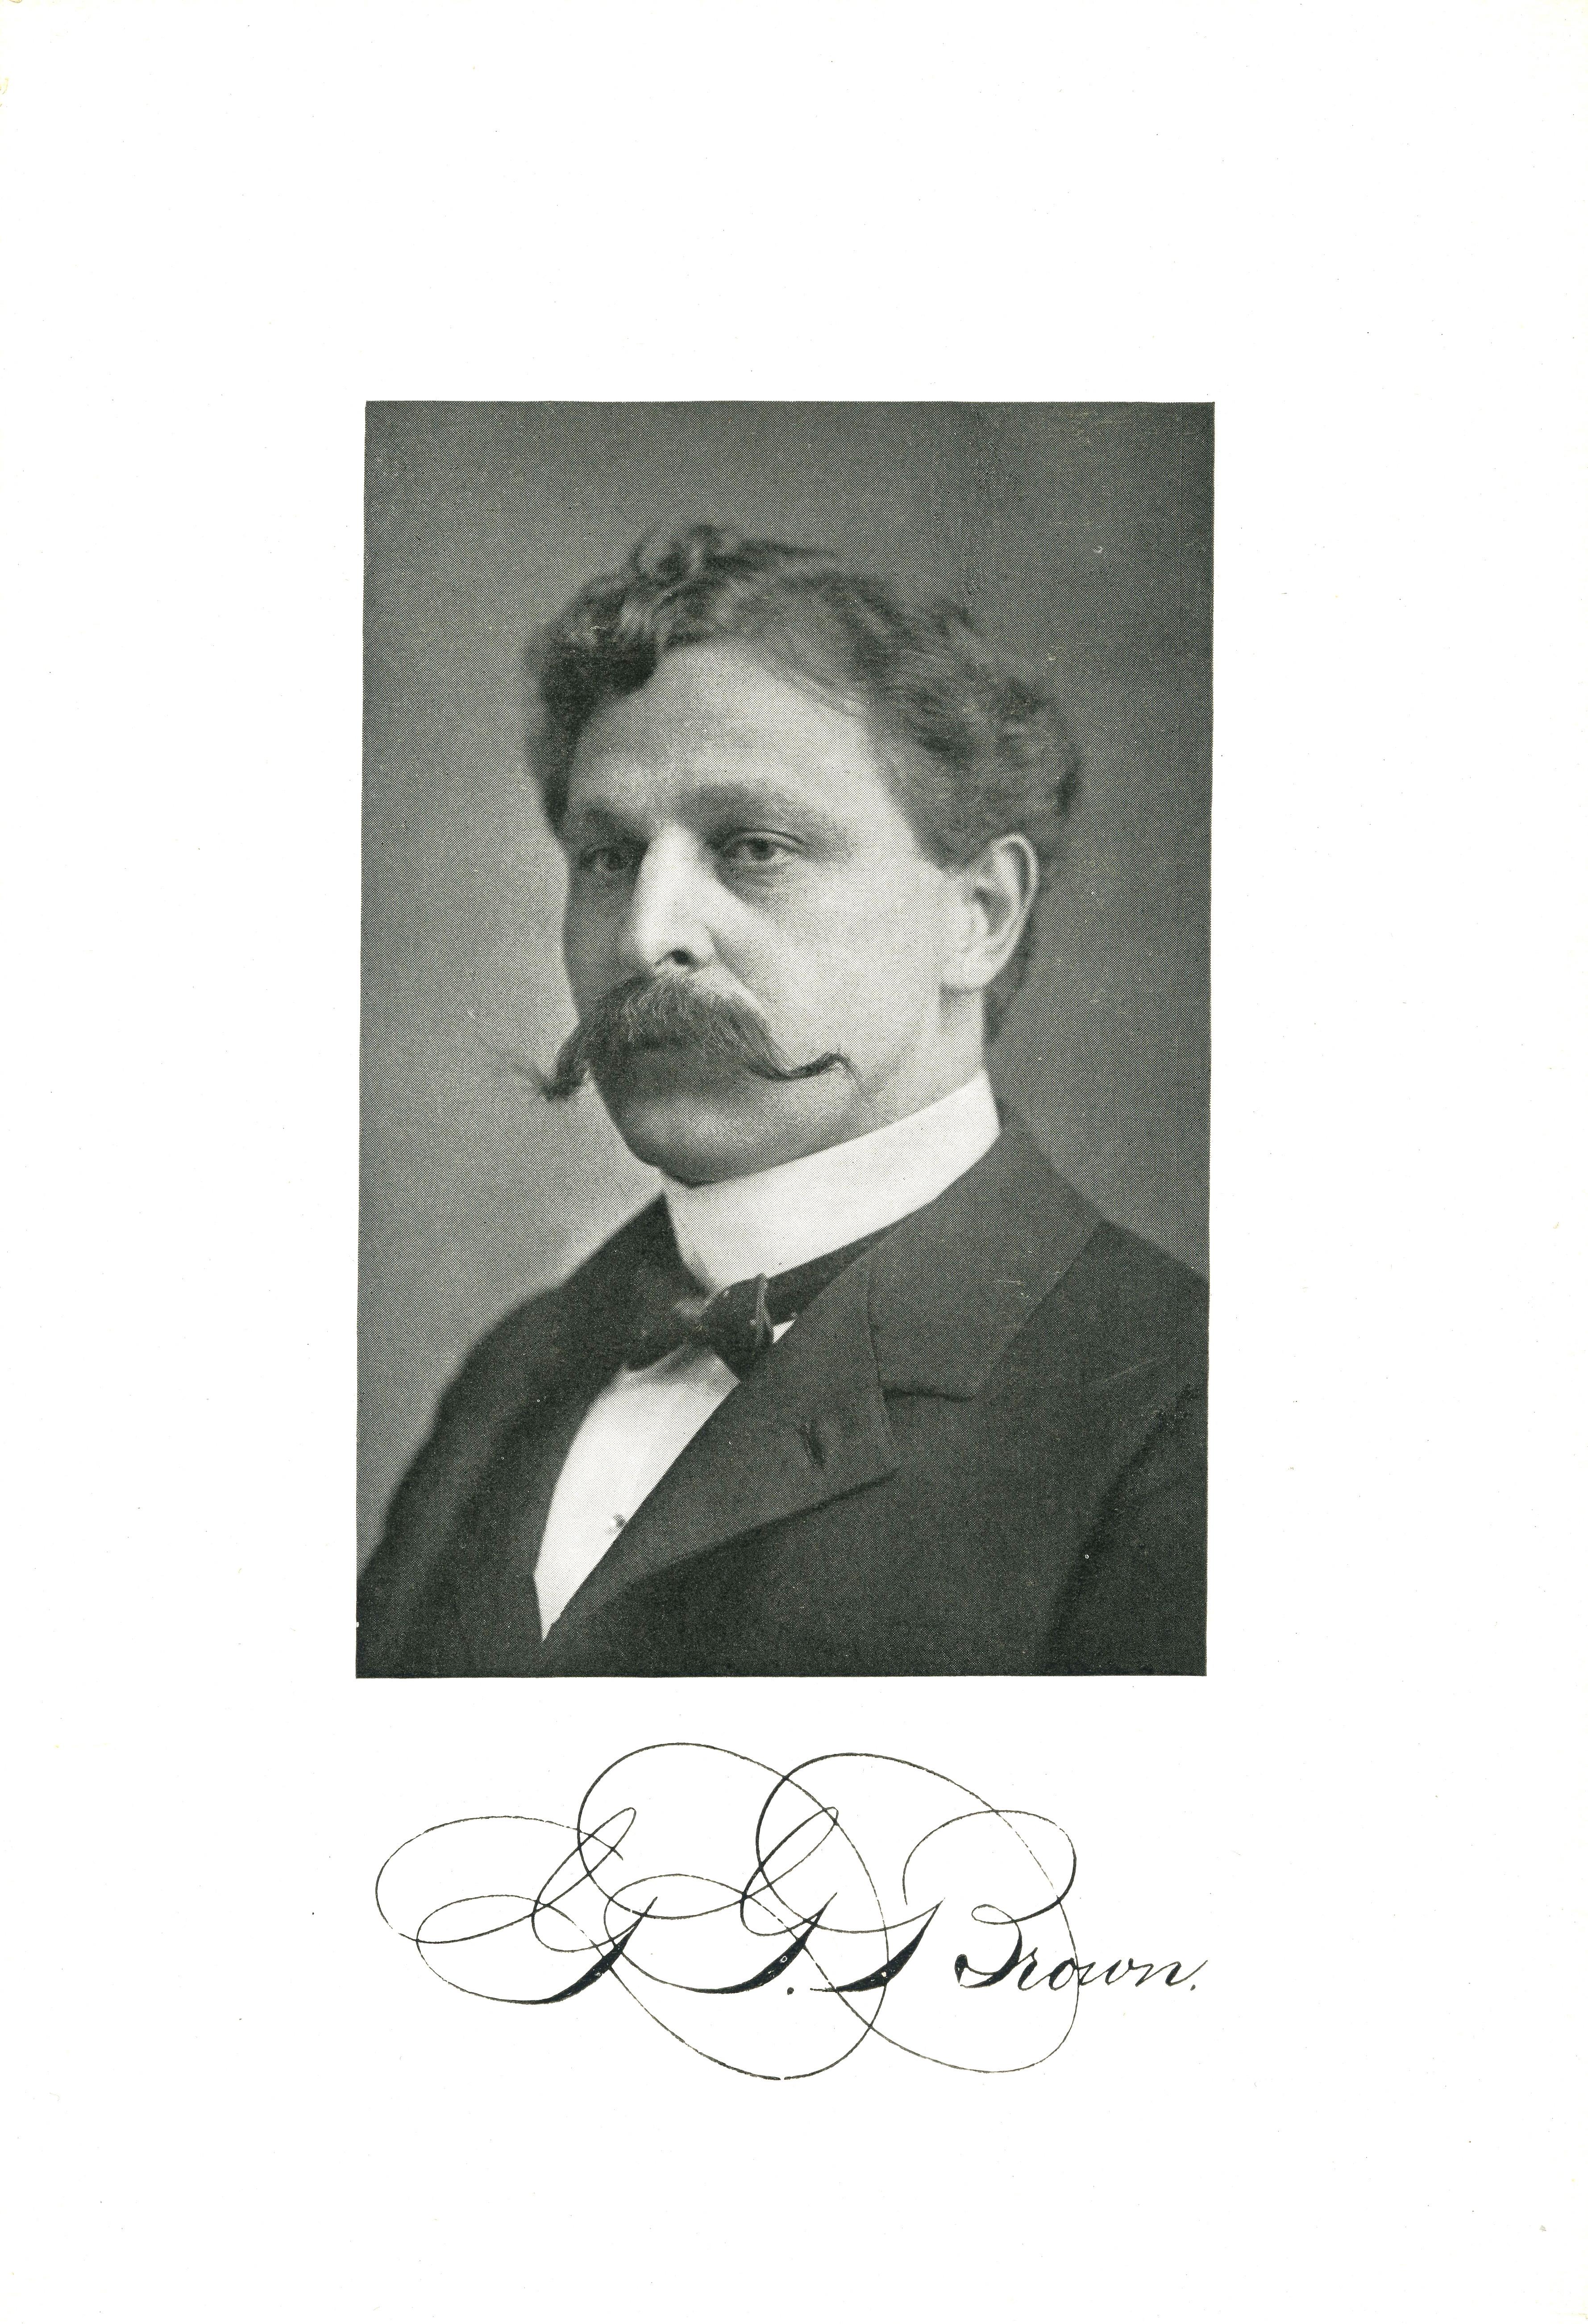 George Gilbert Brown